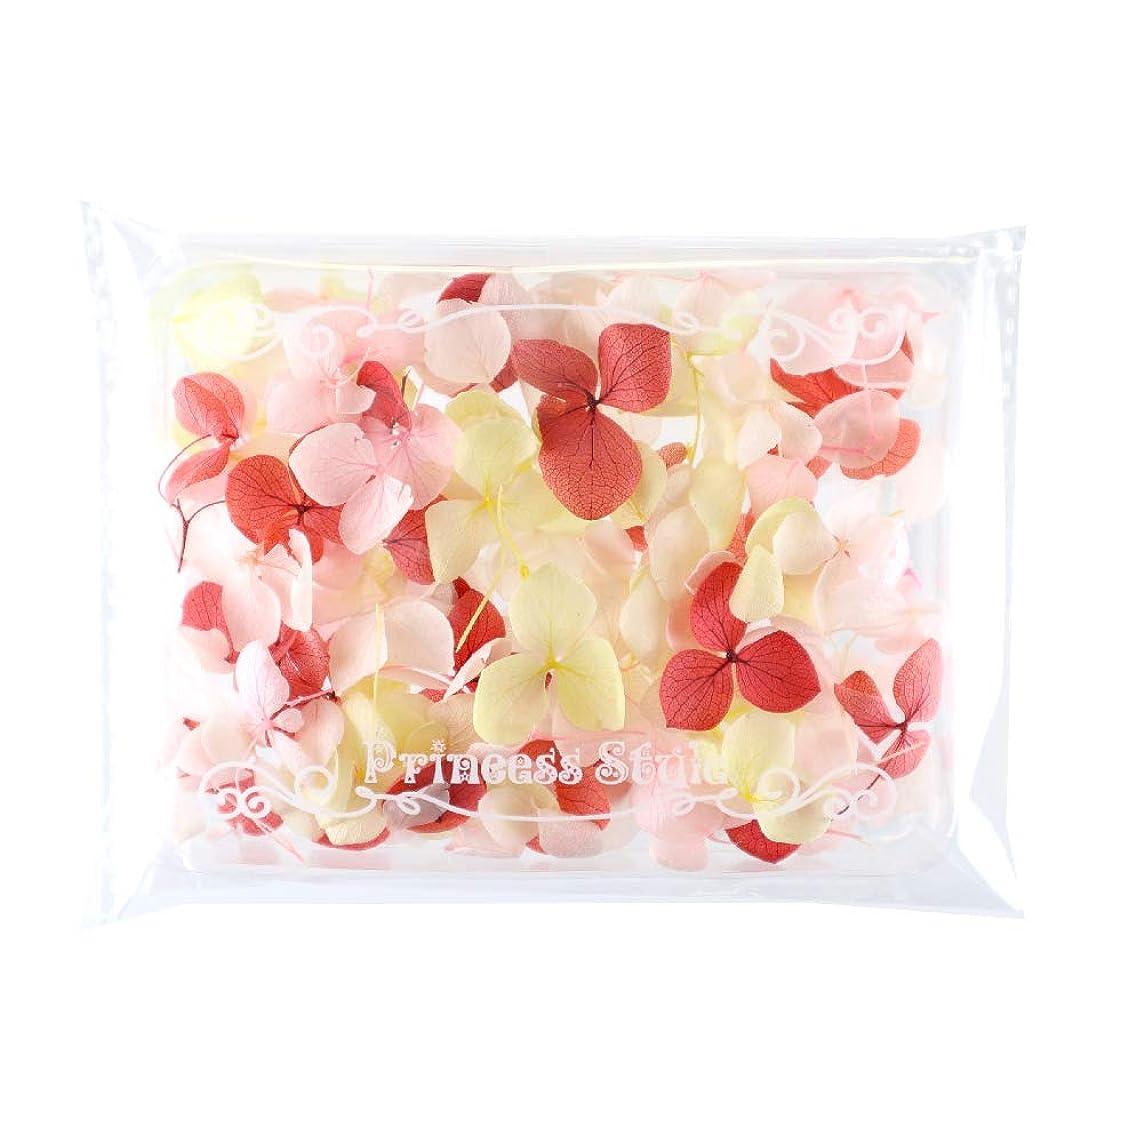 段階平衡ゴシップあじさい 花びら プリザーブドフラワー 花材 レジン アクセサリー用 アソートセット (暖色系)